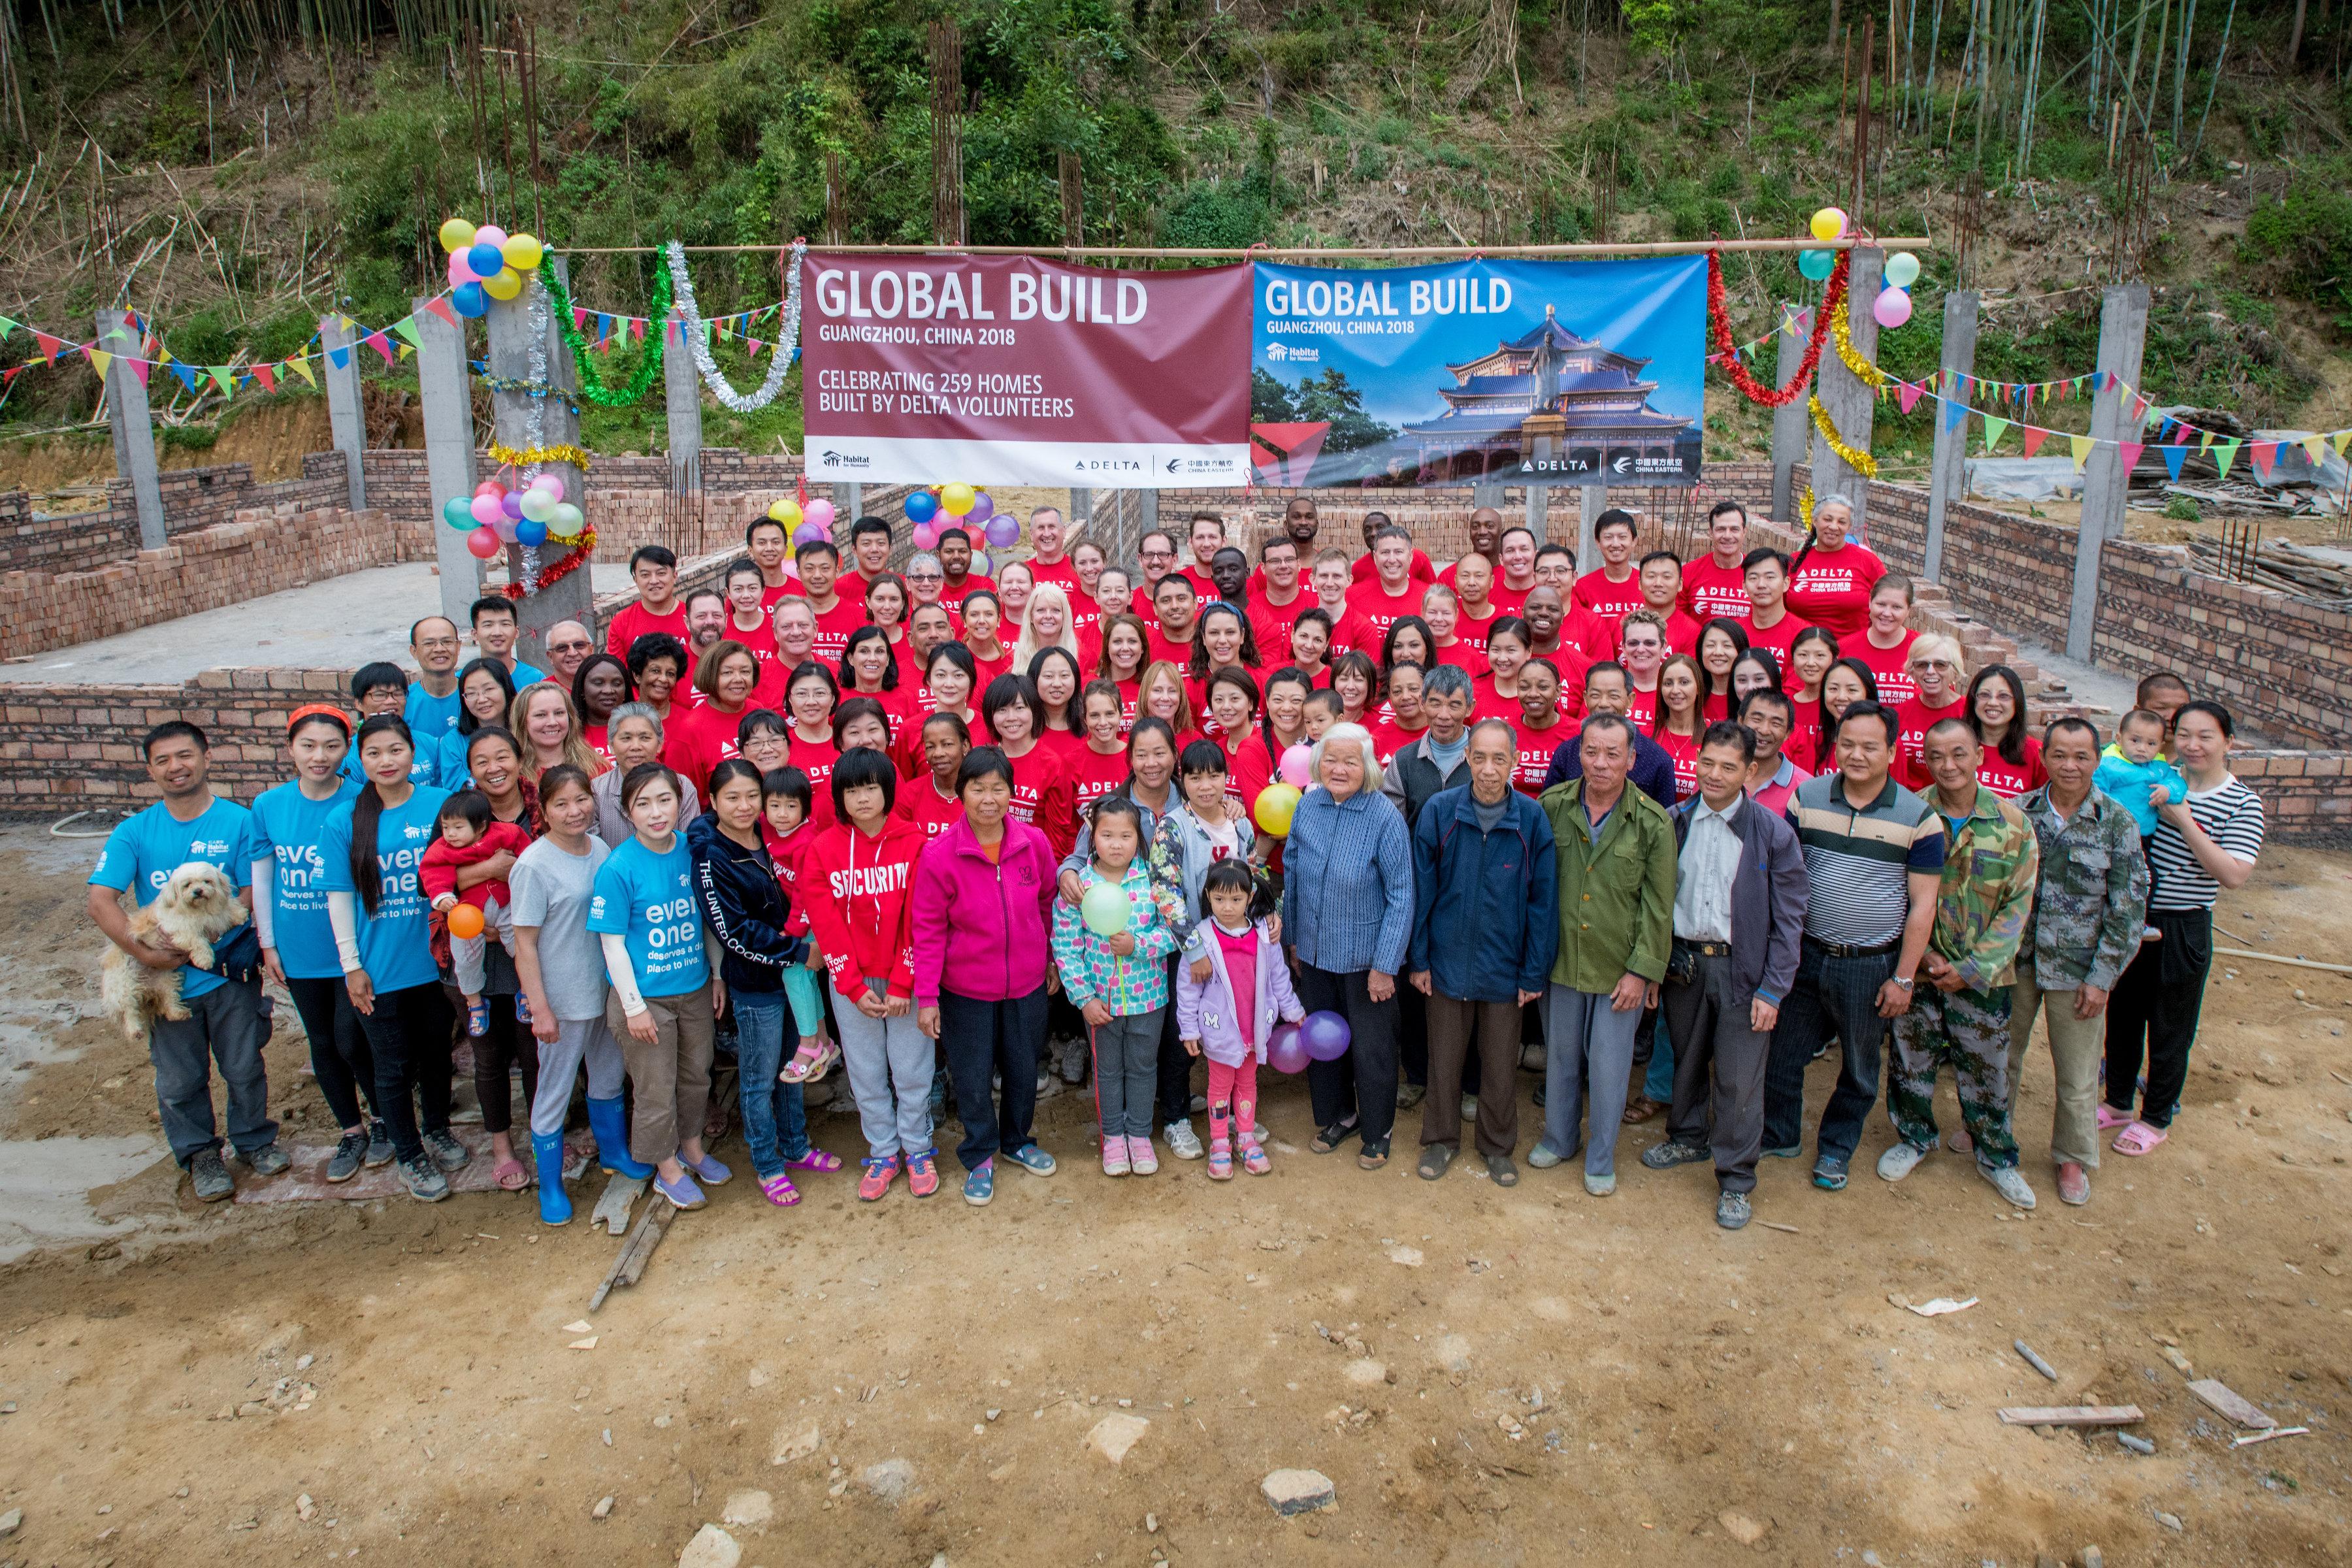 2018 Global Build Volunteers with Homeowners